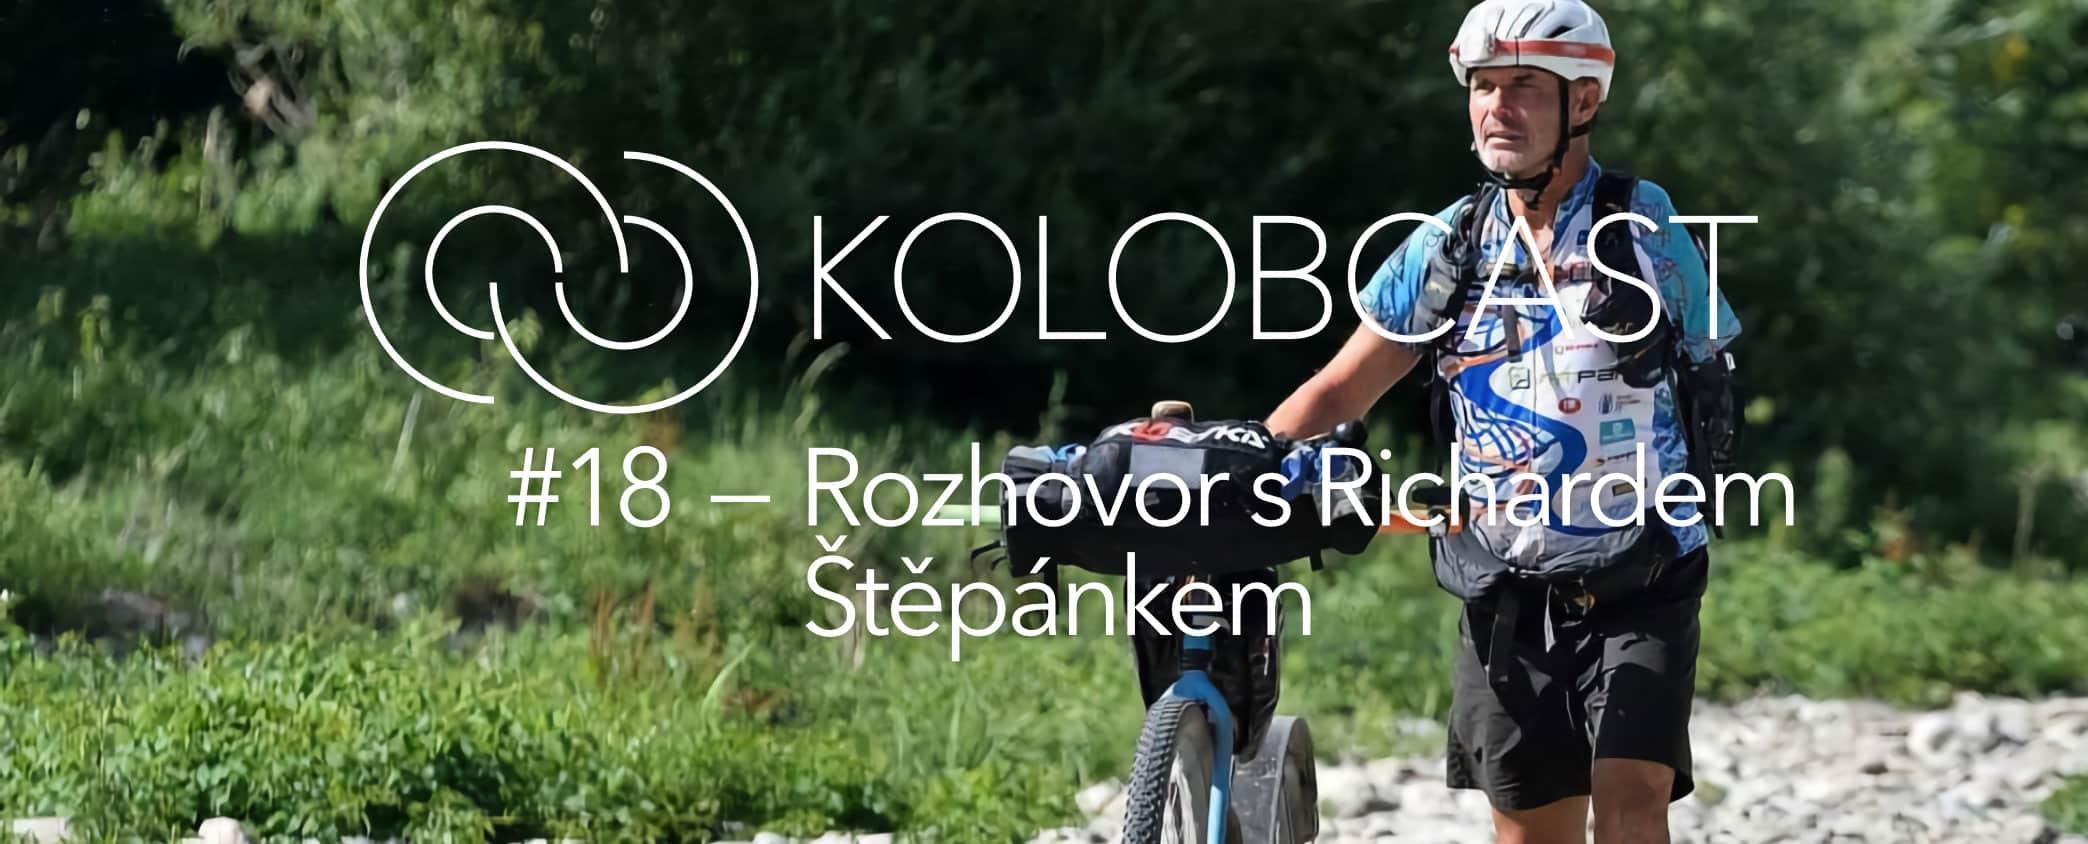 Kolobcast #18 –Když jedna ruka musí stačit. Rozhovor s Richardem Štěpánkem